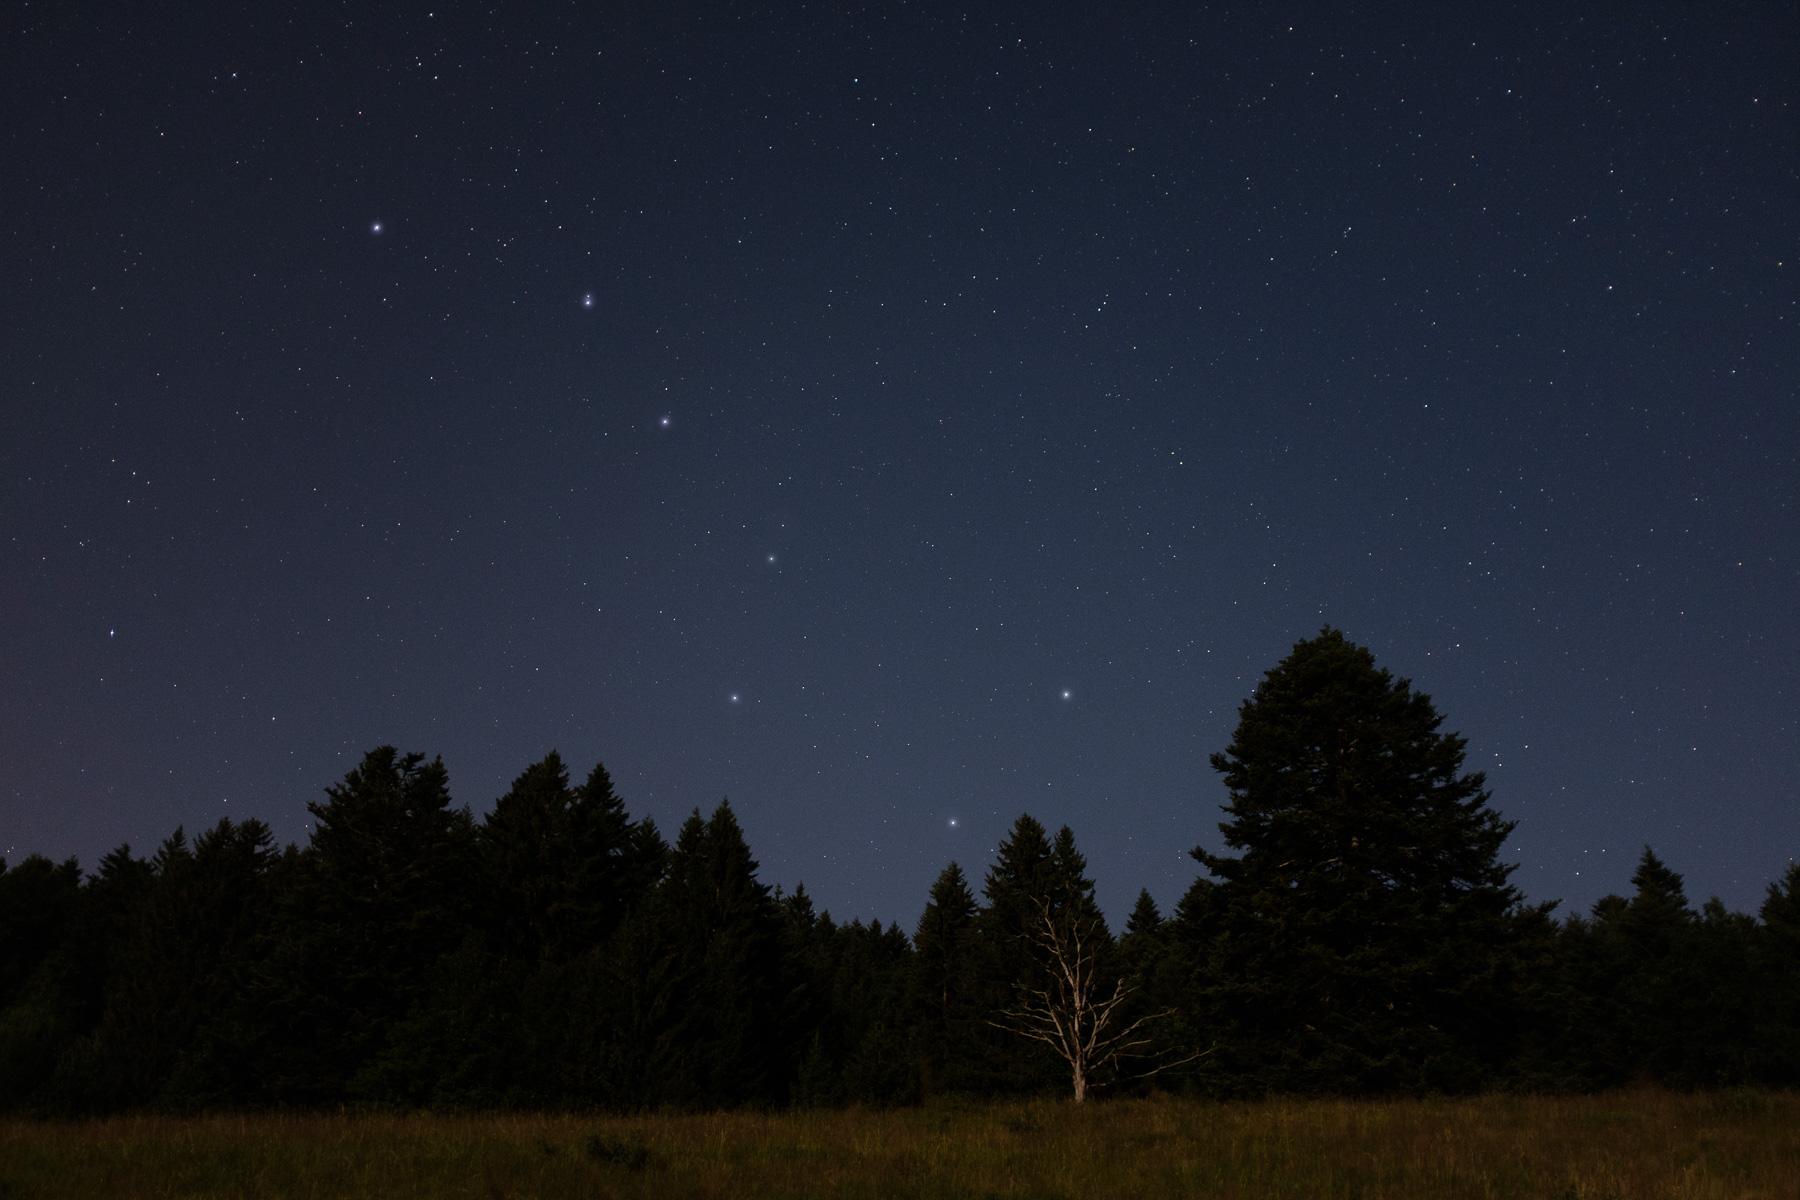 Les sept étoiles de la Grande Casserole (astérisme faisant partie de la Constellation de la Grande Ourse)